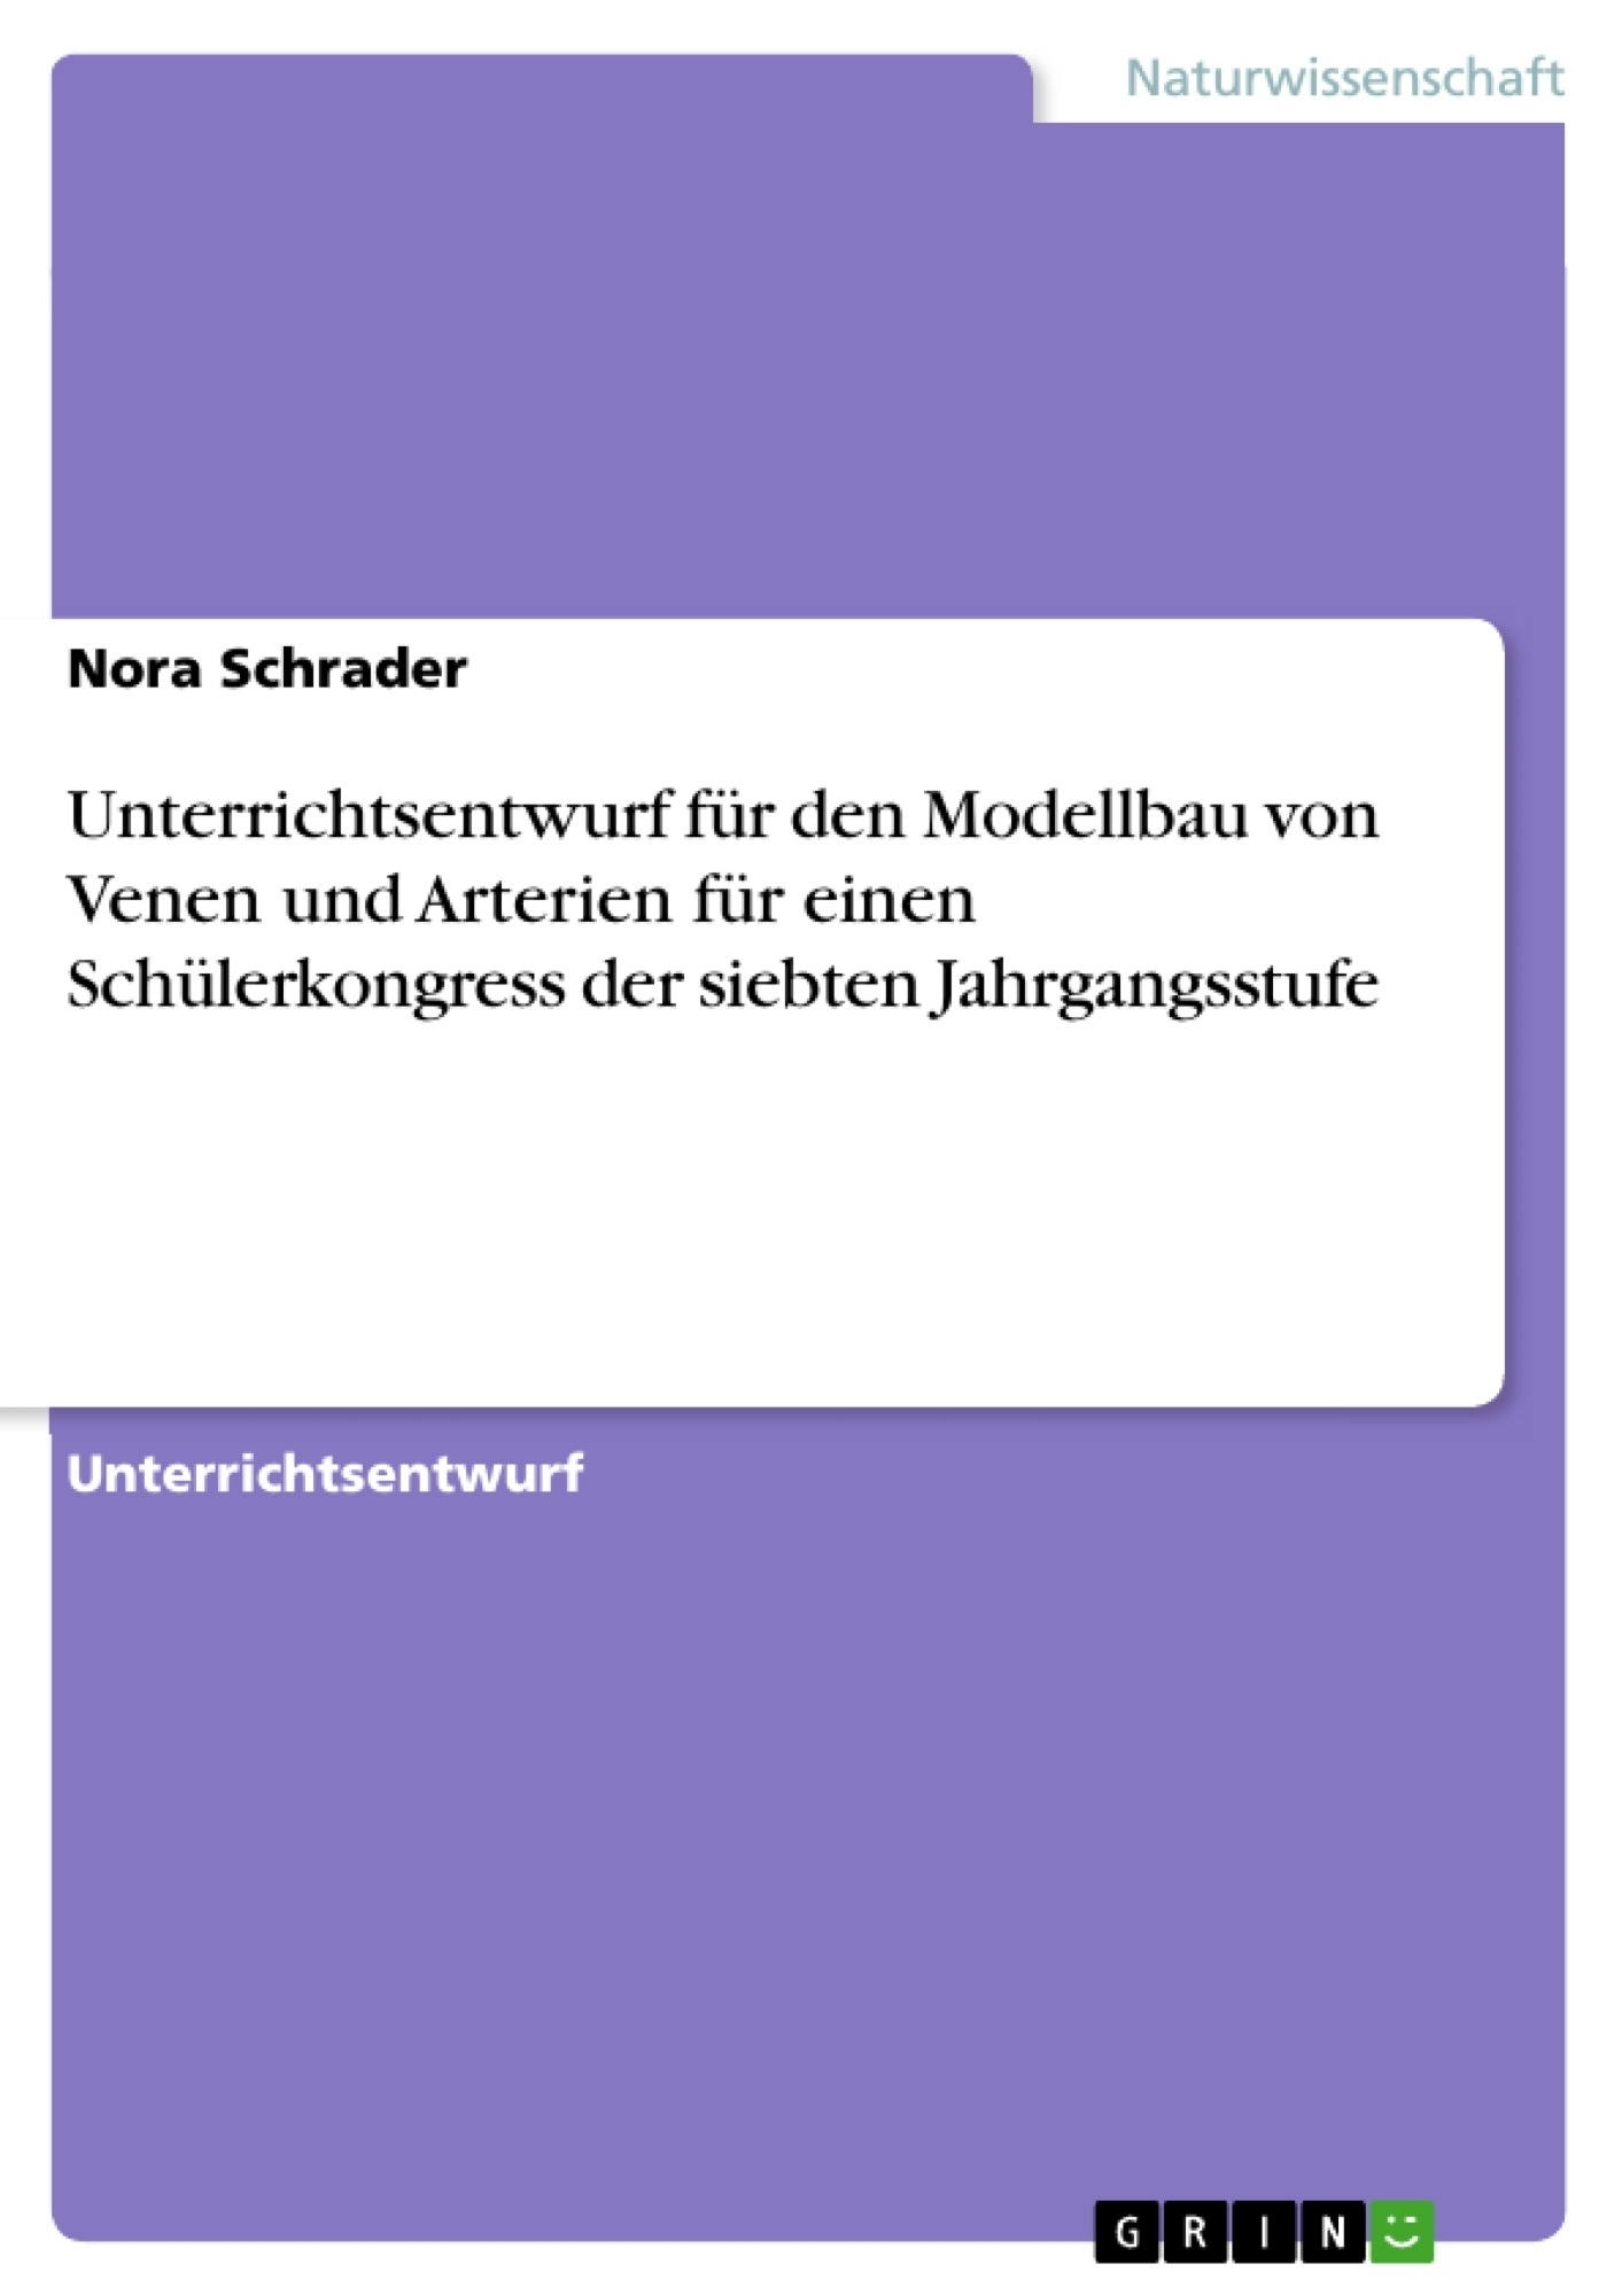 Titel: Unterrichtsentwurf für den Modellbau von Venen und Arterien für einen Schülerkongress der siebten Jahrgangsstufe